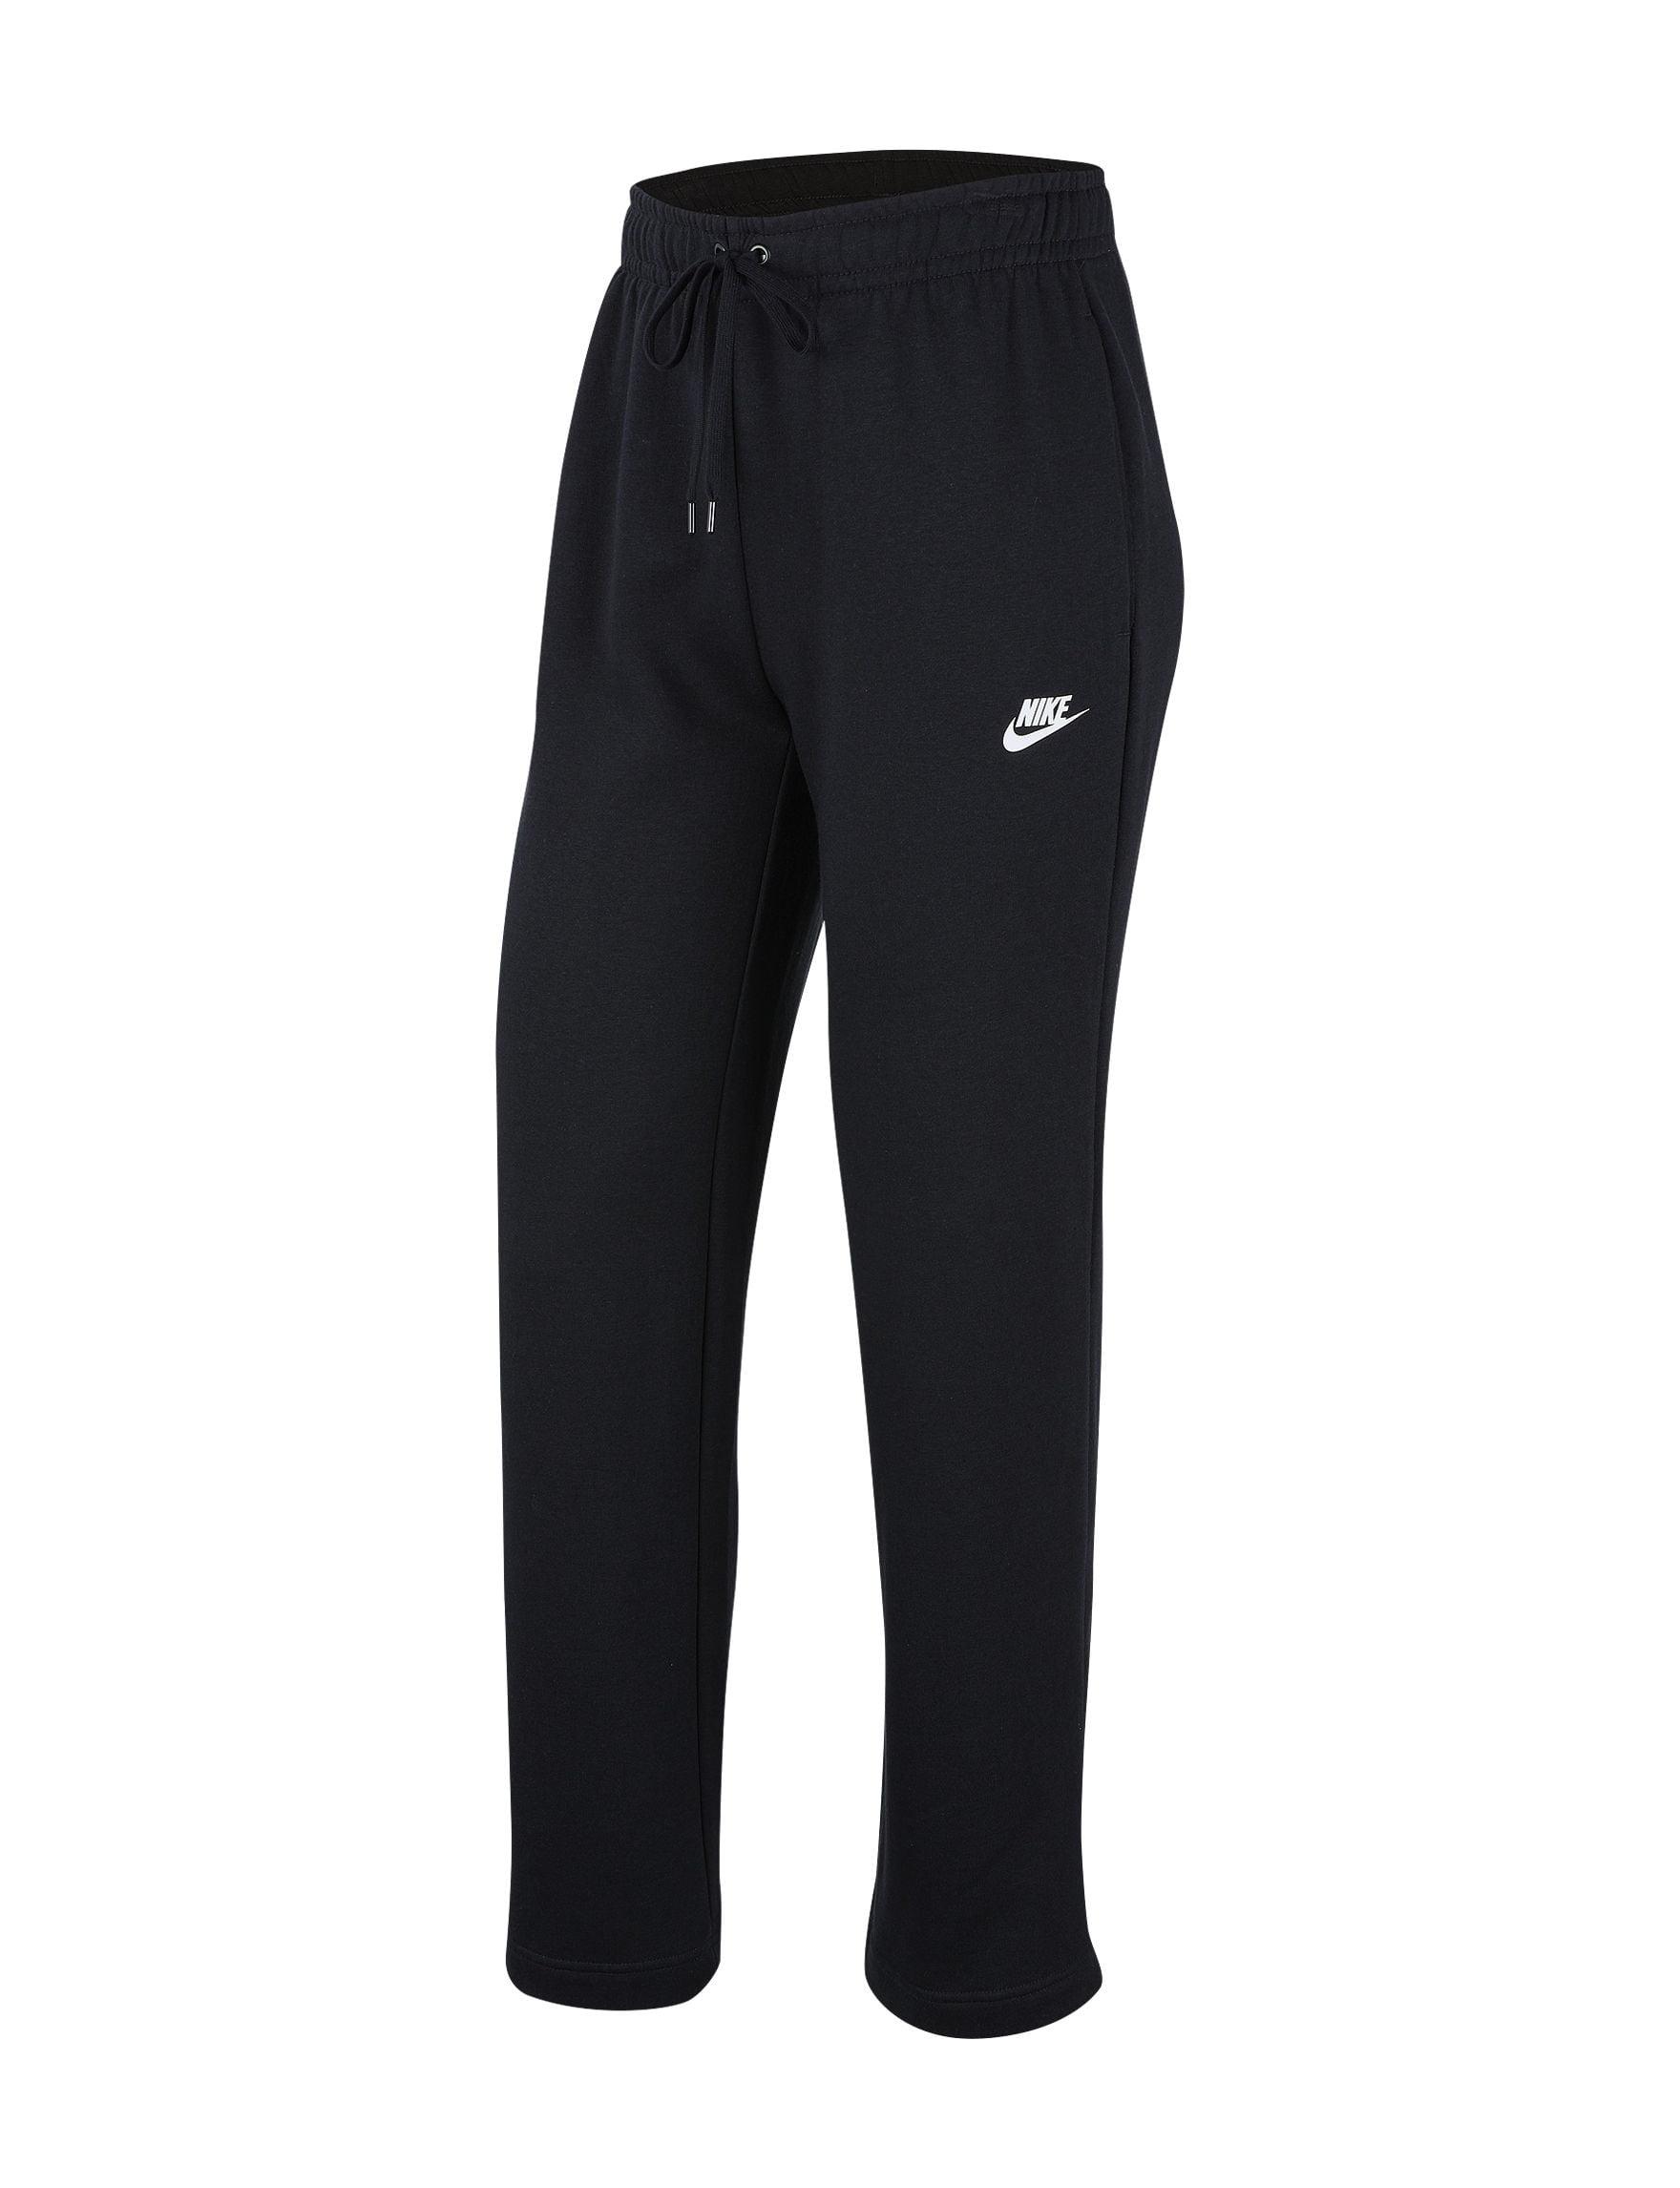 NIKE Sportswear Women's Plus Size Fleece Club Loose Fit Pants (Black, 3X)